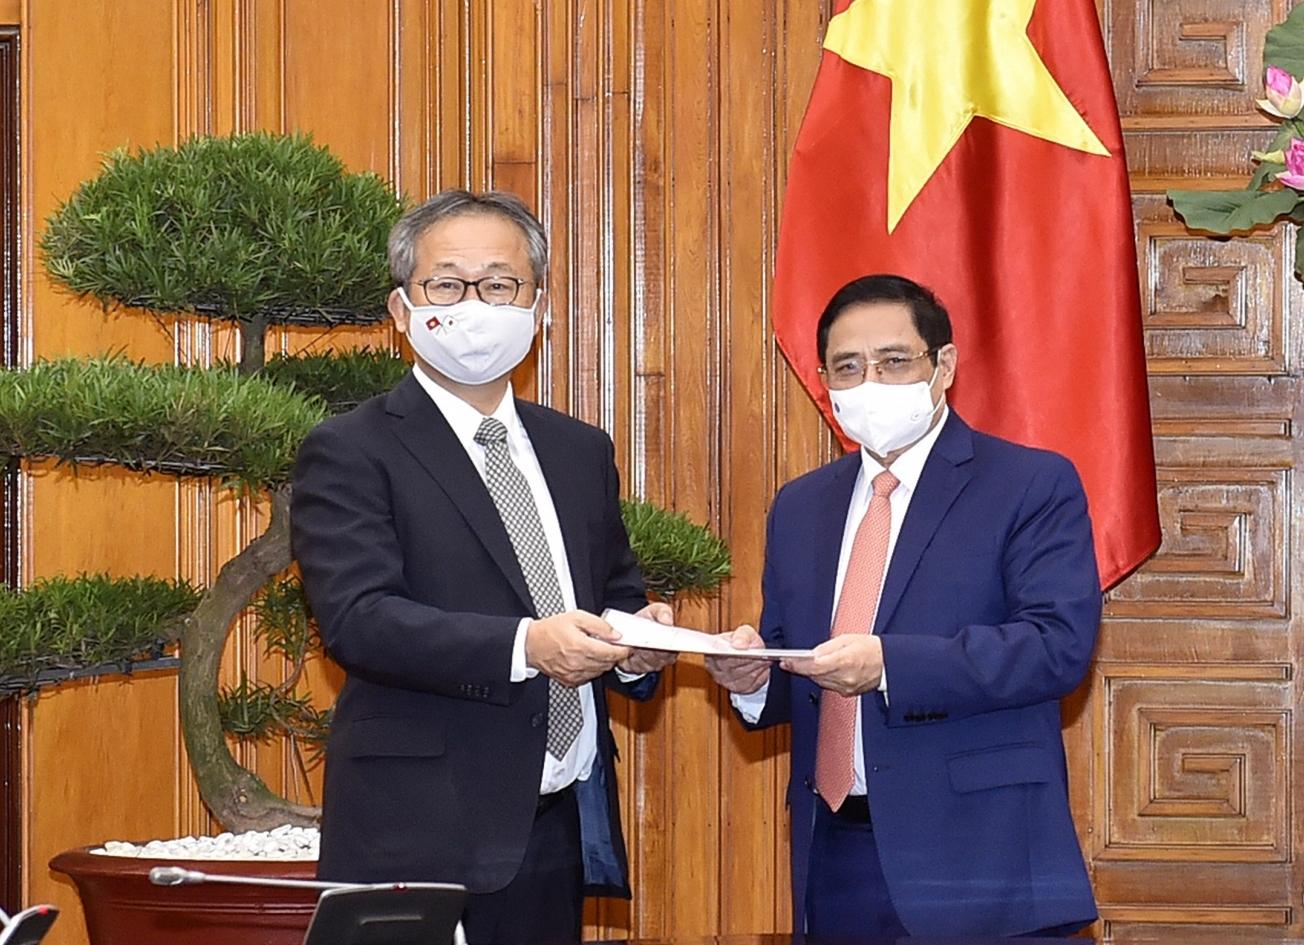 Nhật Bản hỗ trợ Việt Nam 1 triệu liều vaccine để phòng chống COVID-19